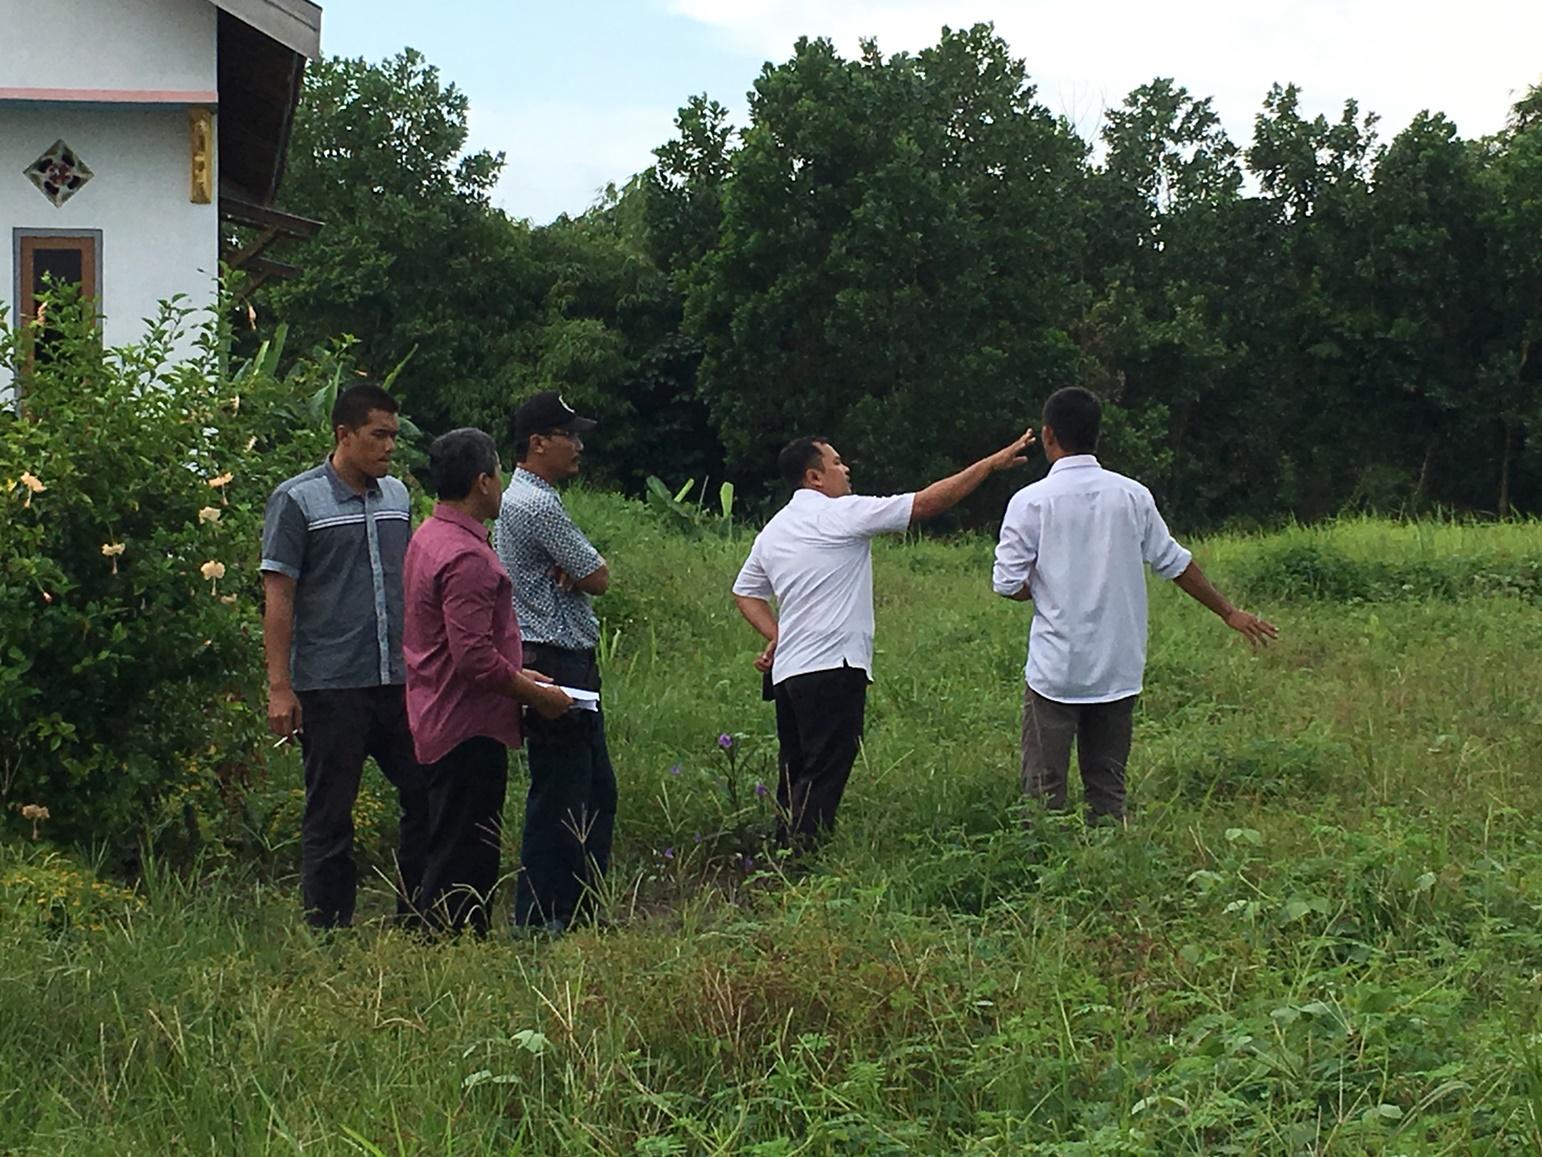 Peninjauan Lapangan Rencana Pembangunan Gedung Baru Puskesmas Landasan Ulin Timur TA 2018